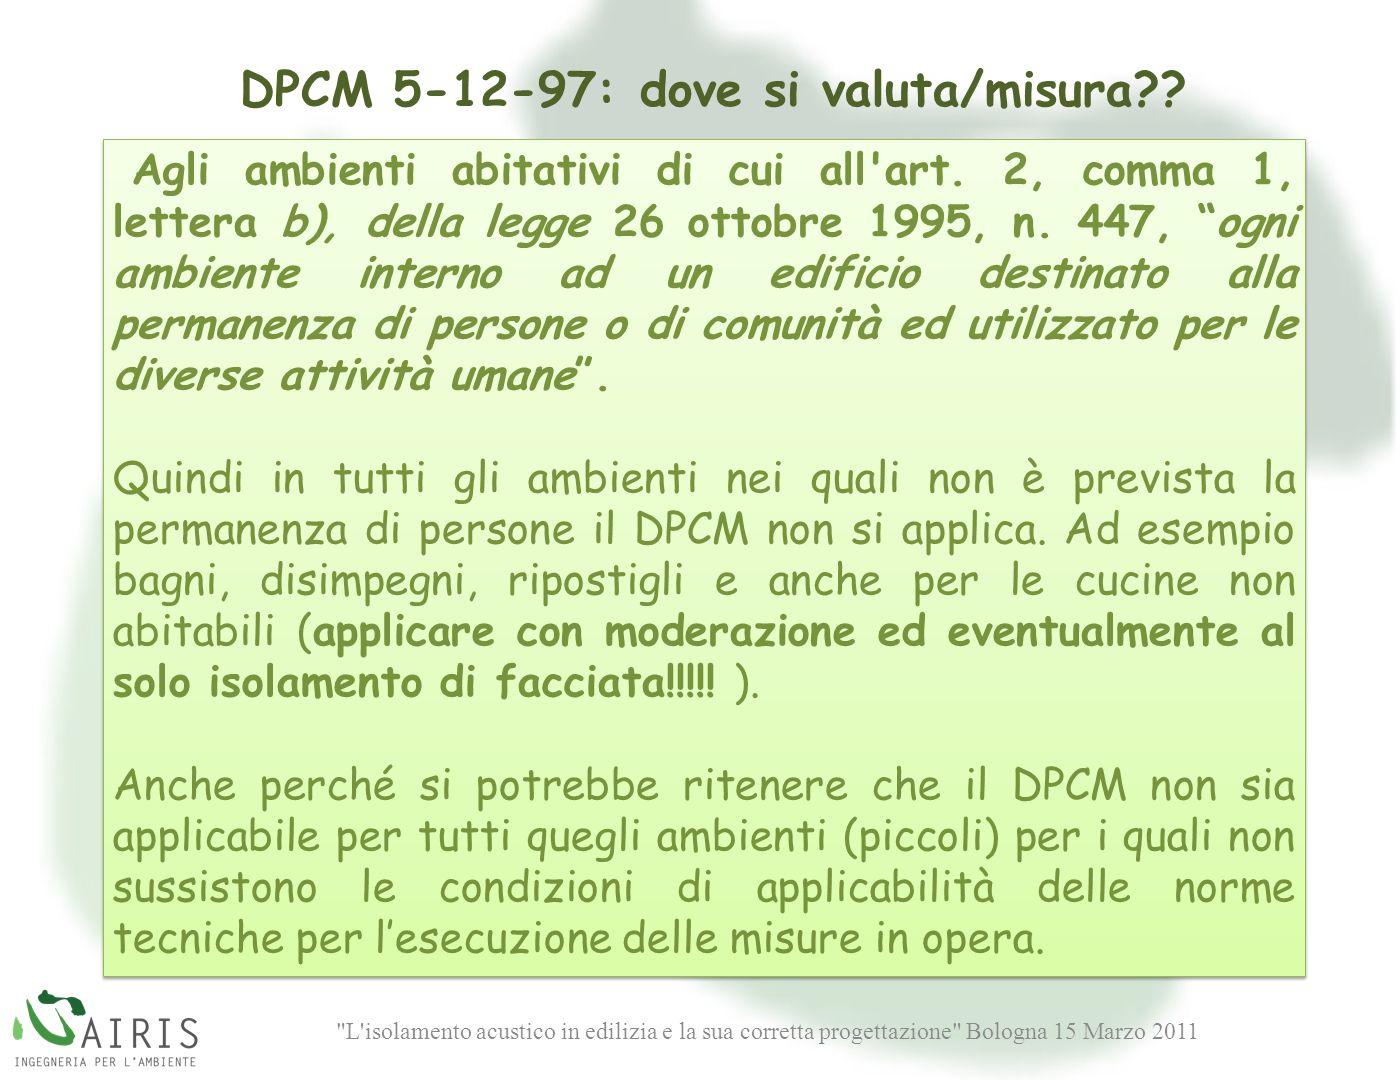 DPCM 5-12-97: dove si valuta/misura